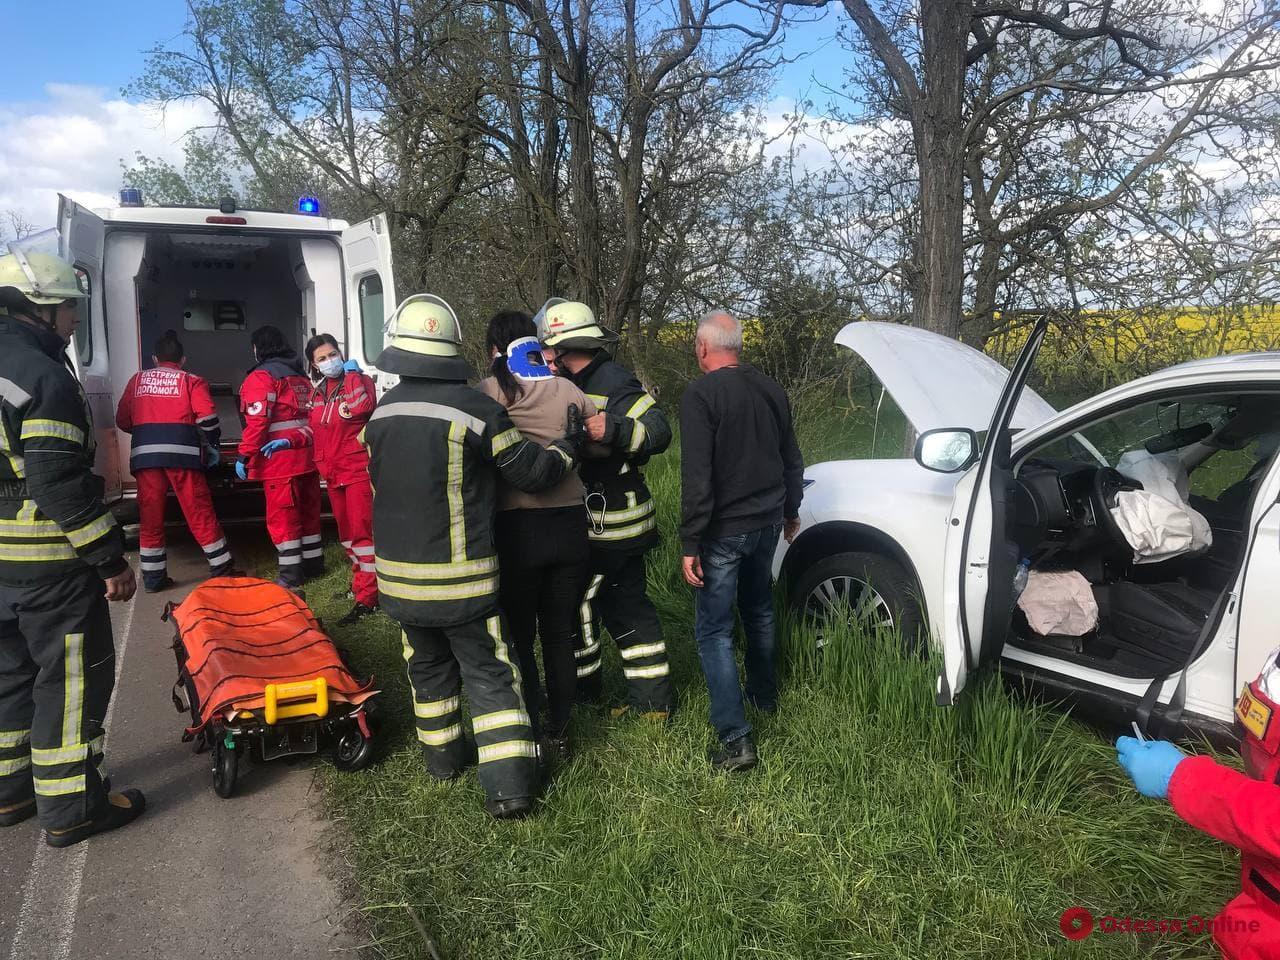 Под Одессой спасатели доставали женщину из поврежденного в ДТП авто (фото)